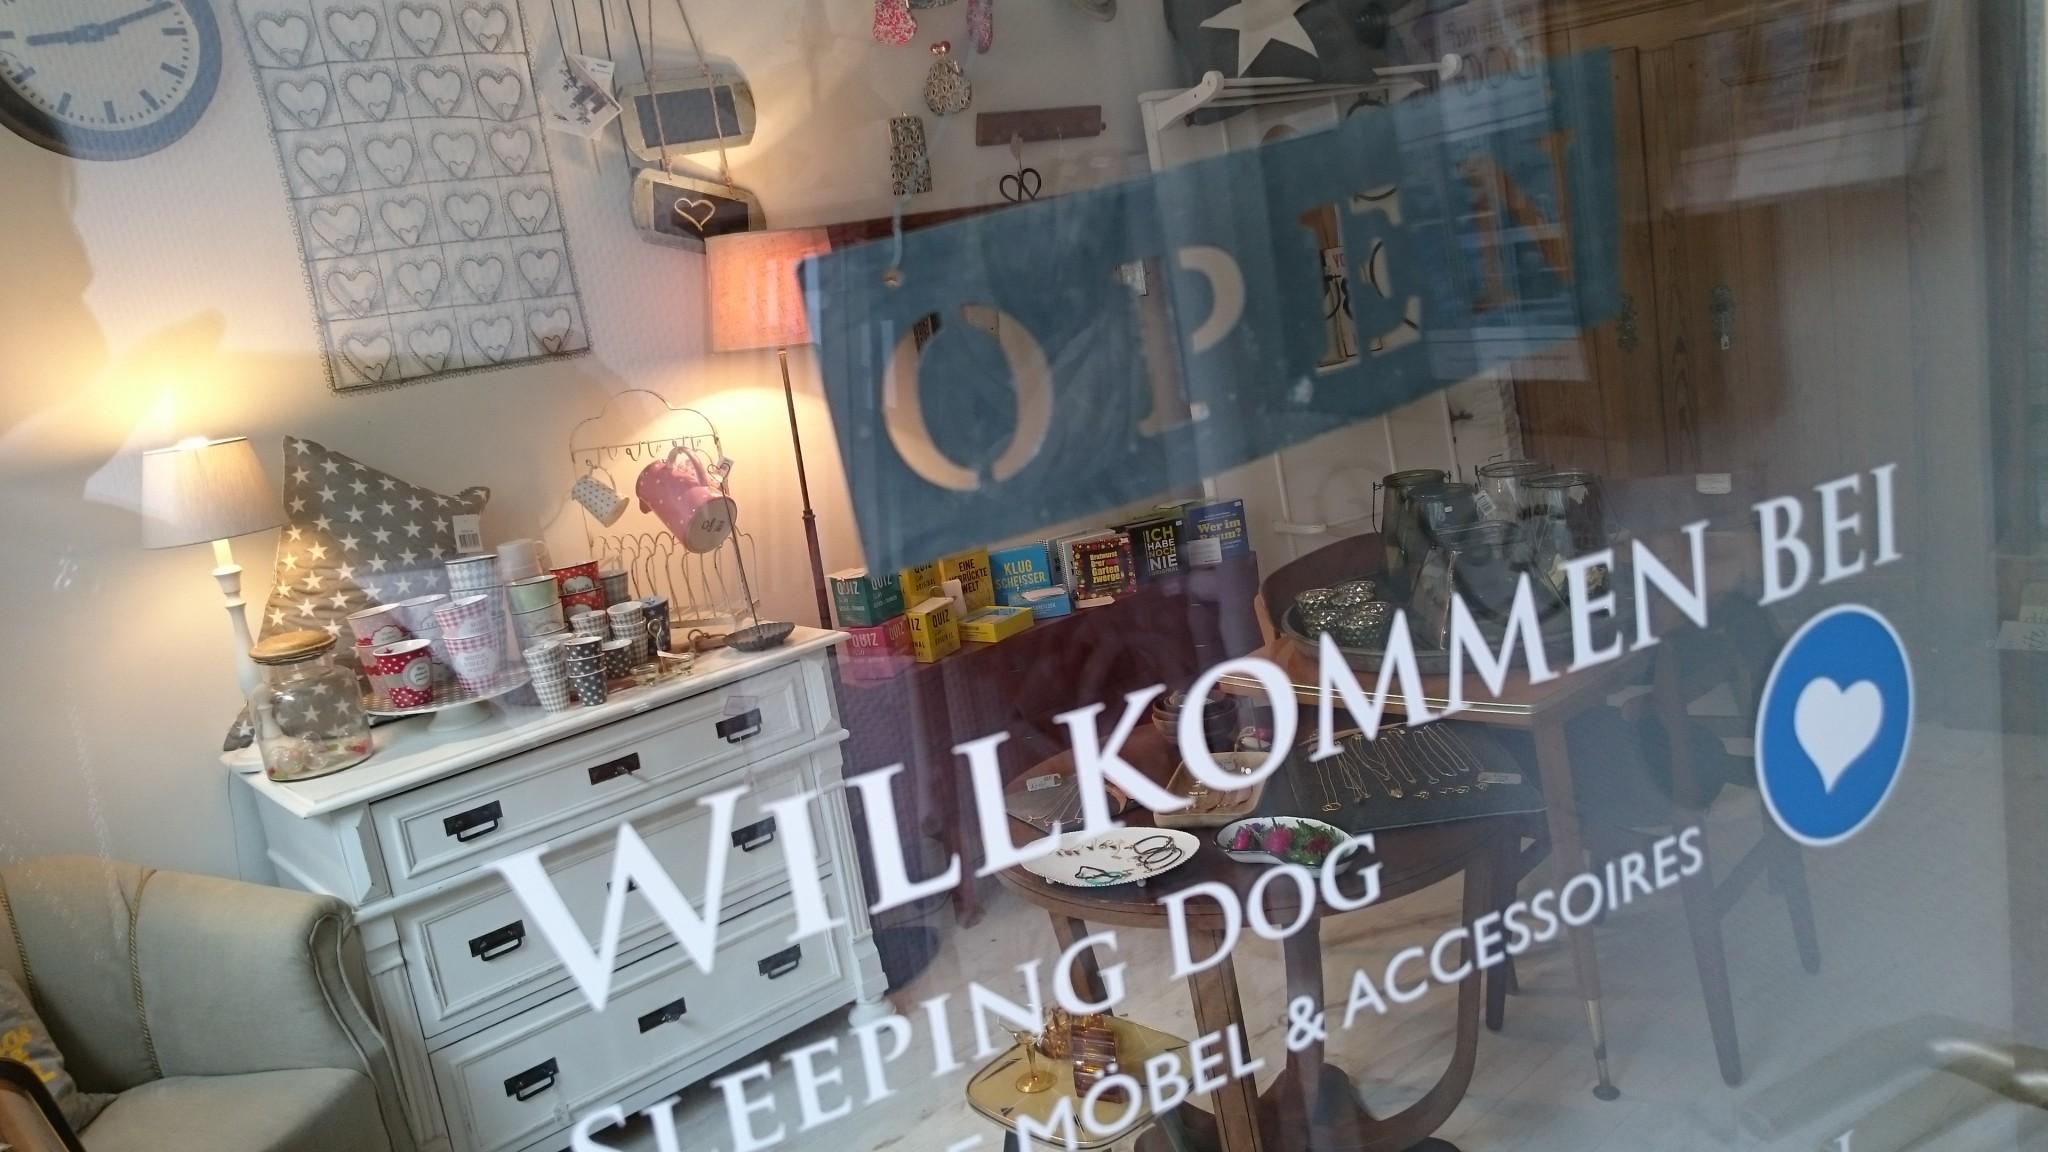 Sleeping dog skandinavisches design in hamburg for Wohndesign gewinnspiel